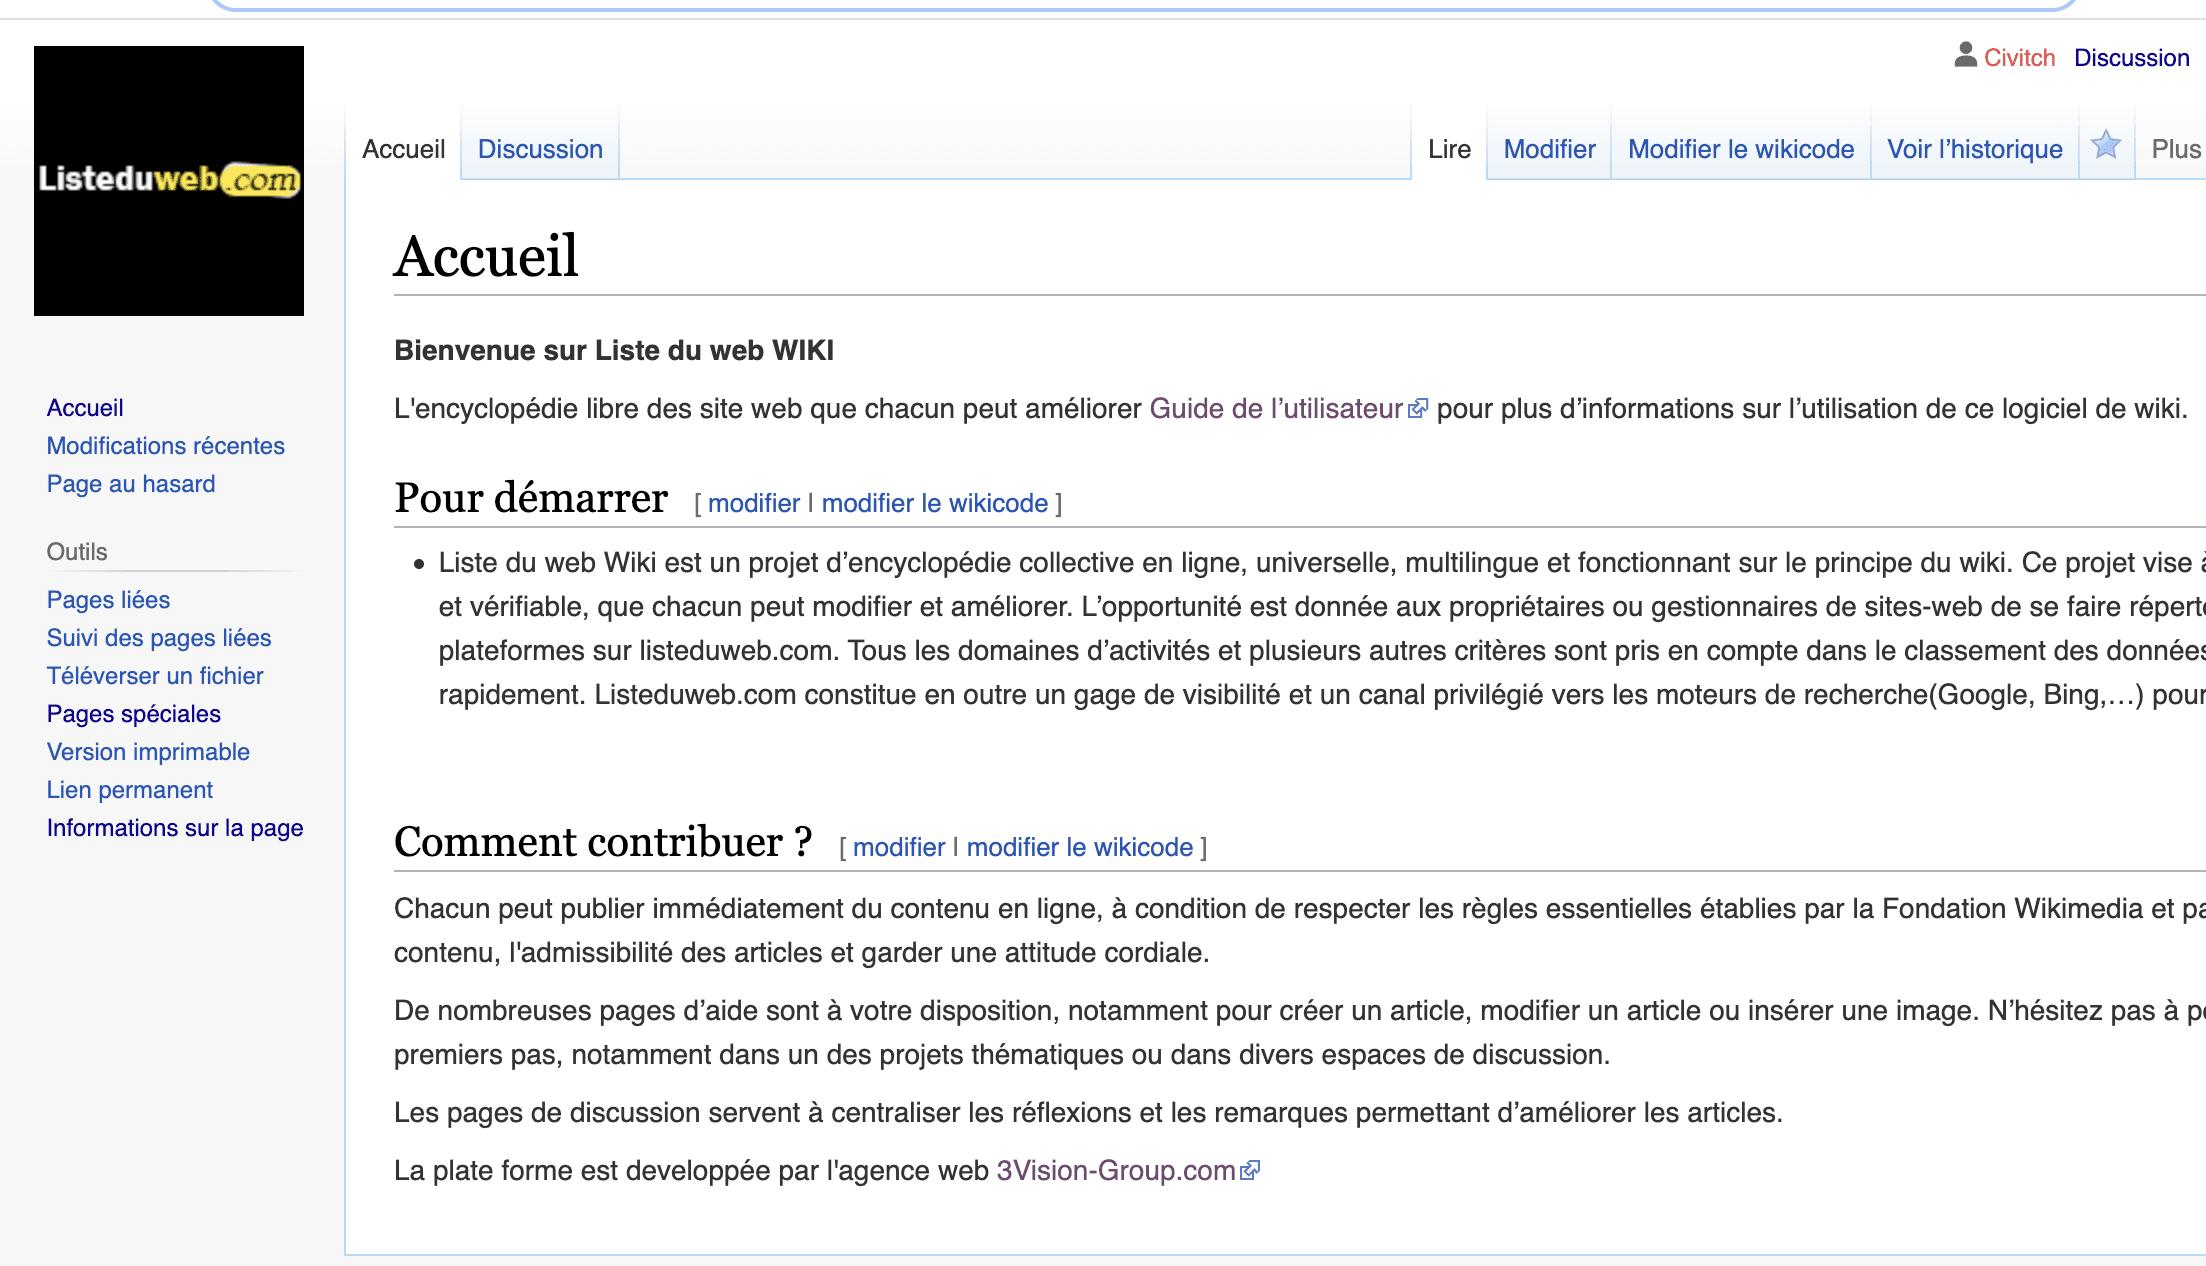 Wiki Listeduweb , le nouveau wikipedia